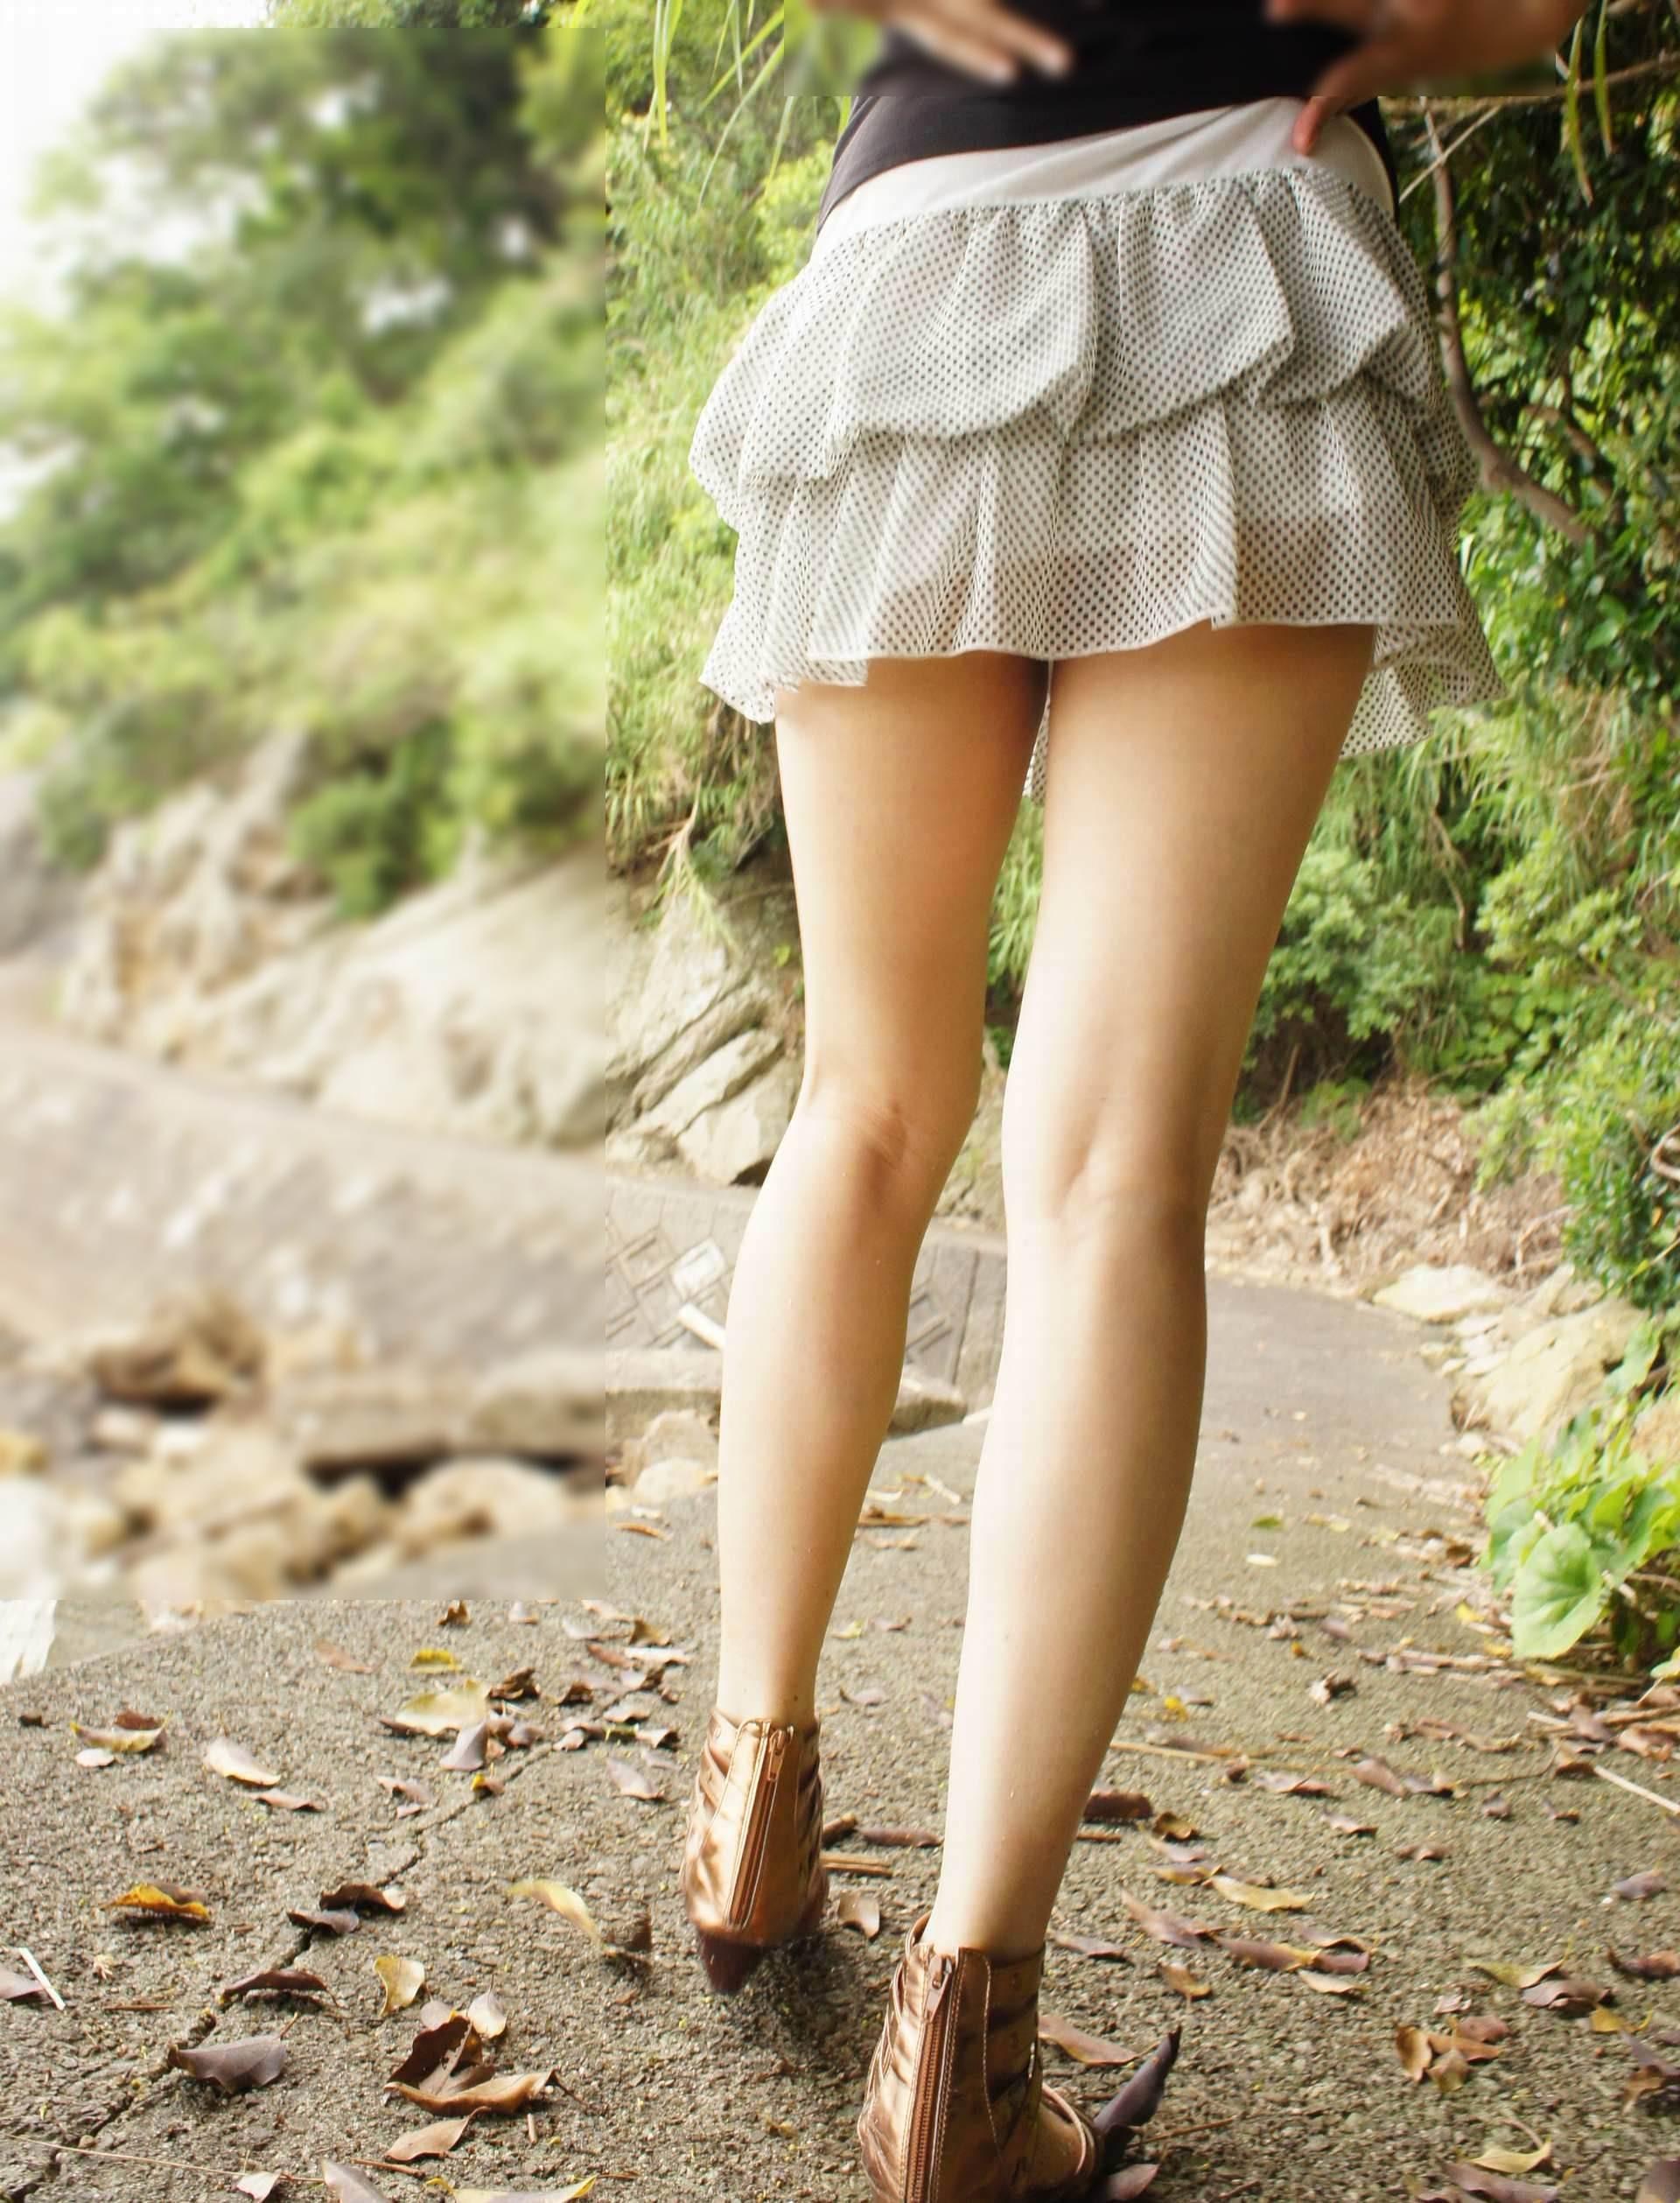 【ミニスカエロ画像】放っておいても尻チラにパンチラ!注目必至な超ミニ履いた下半身www 15